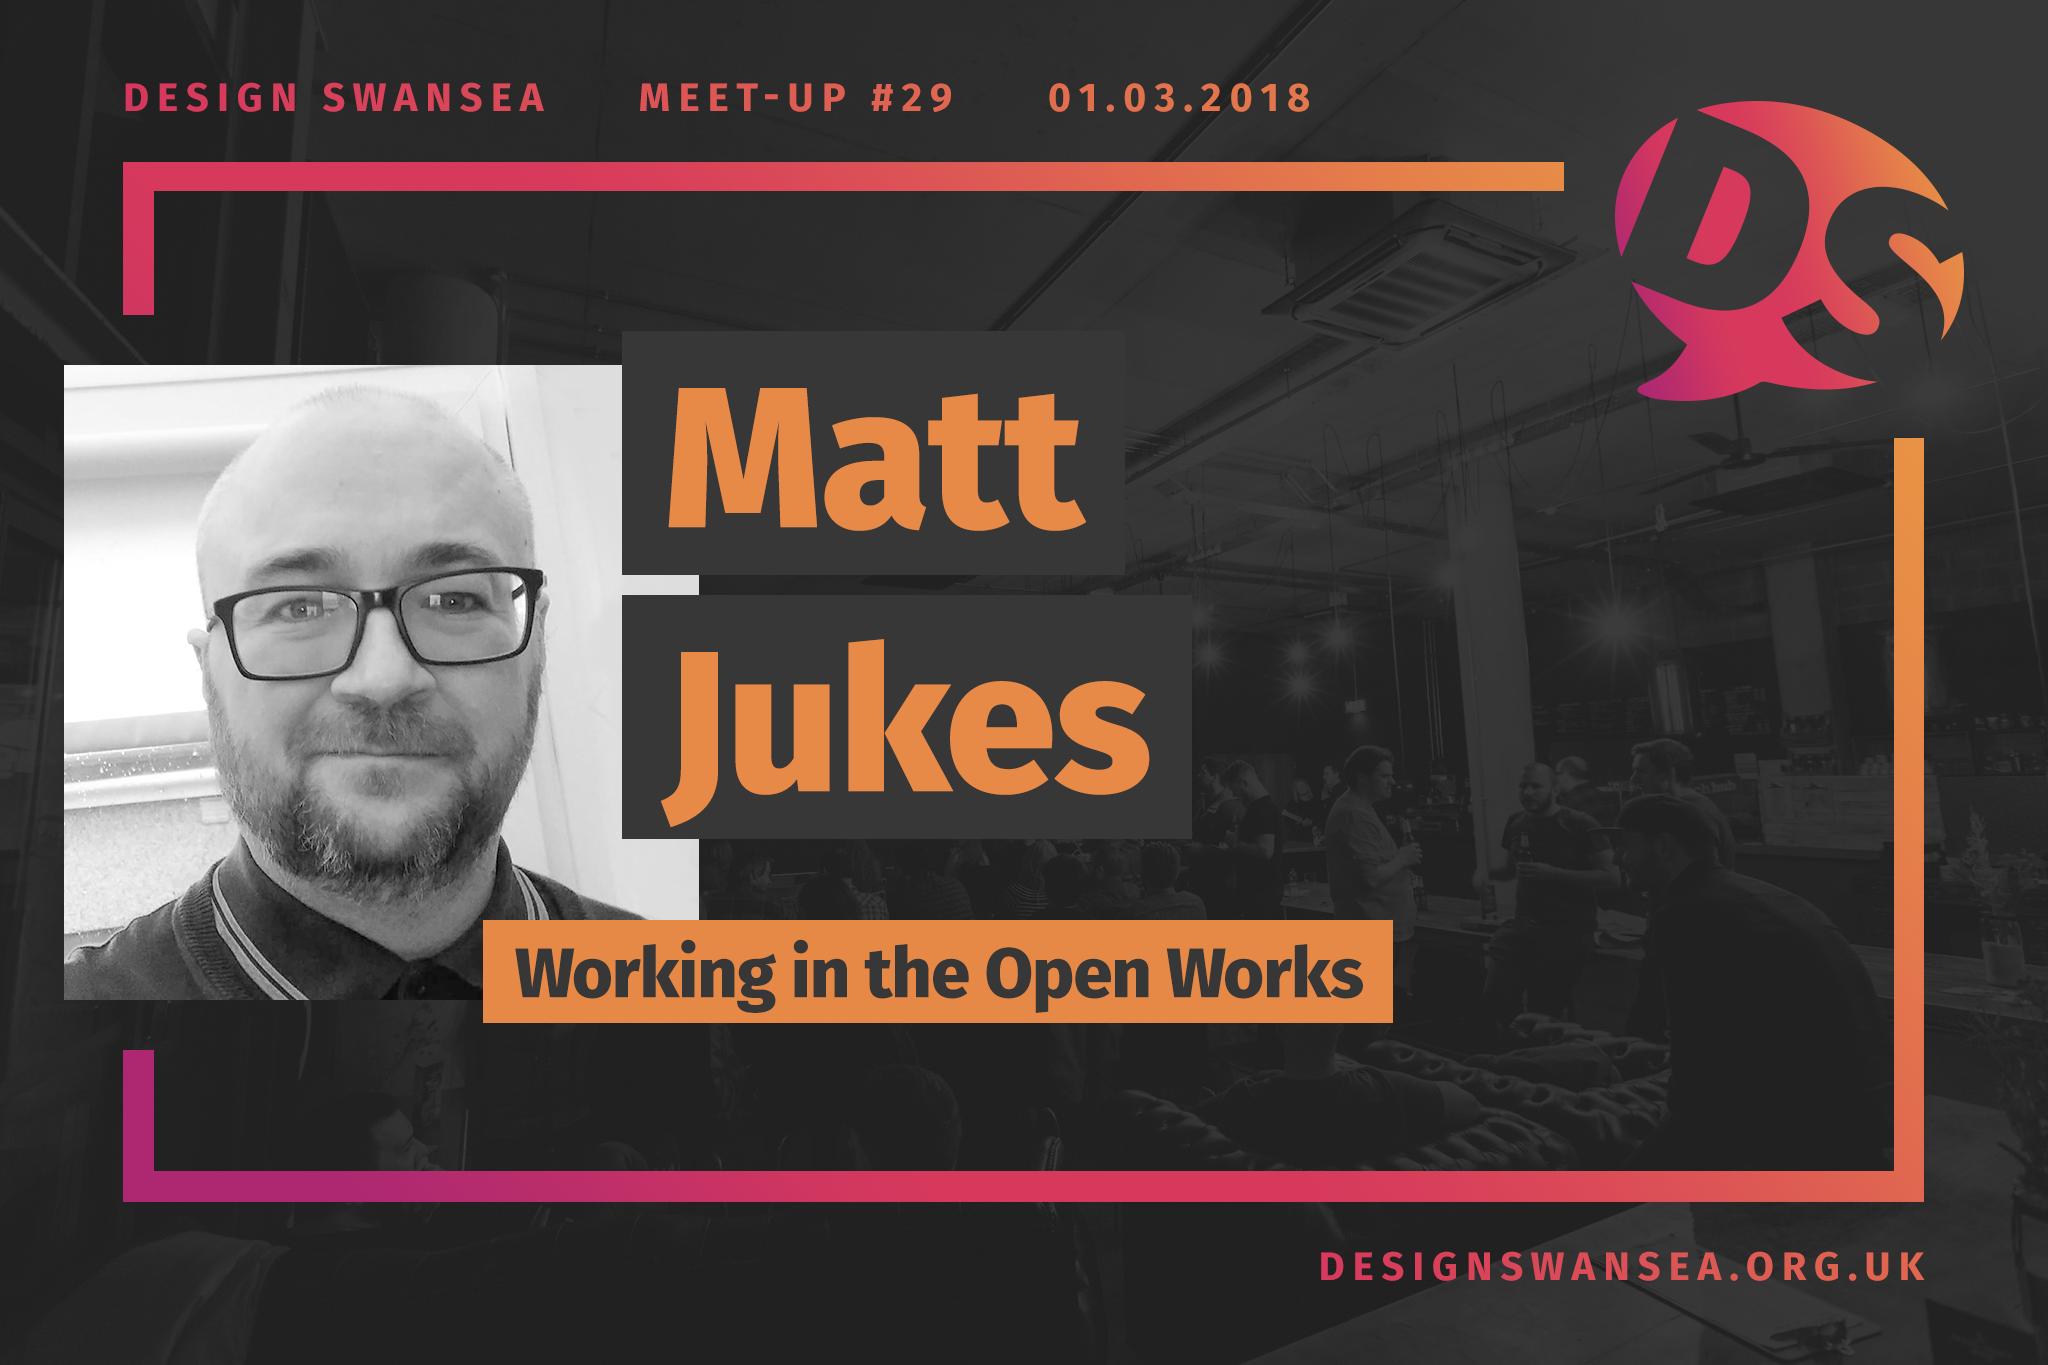 Matt Jukes is talking at Design Swansea #29